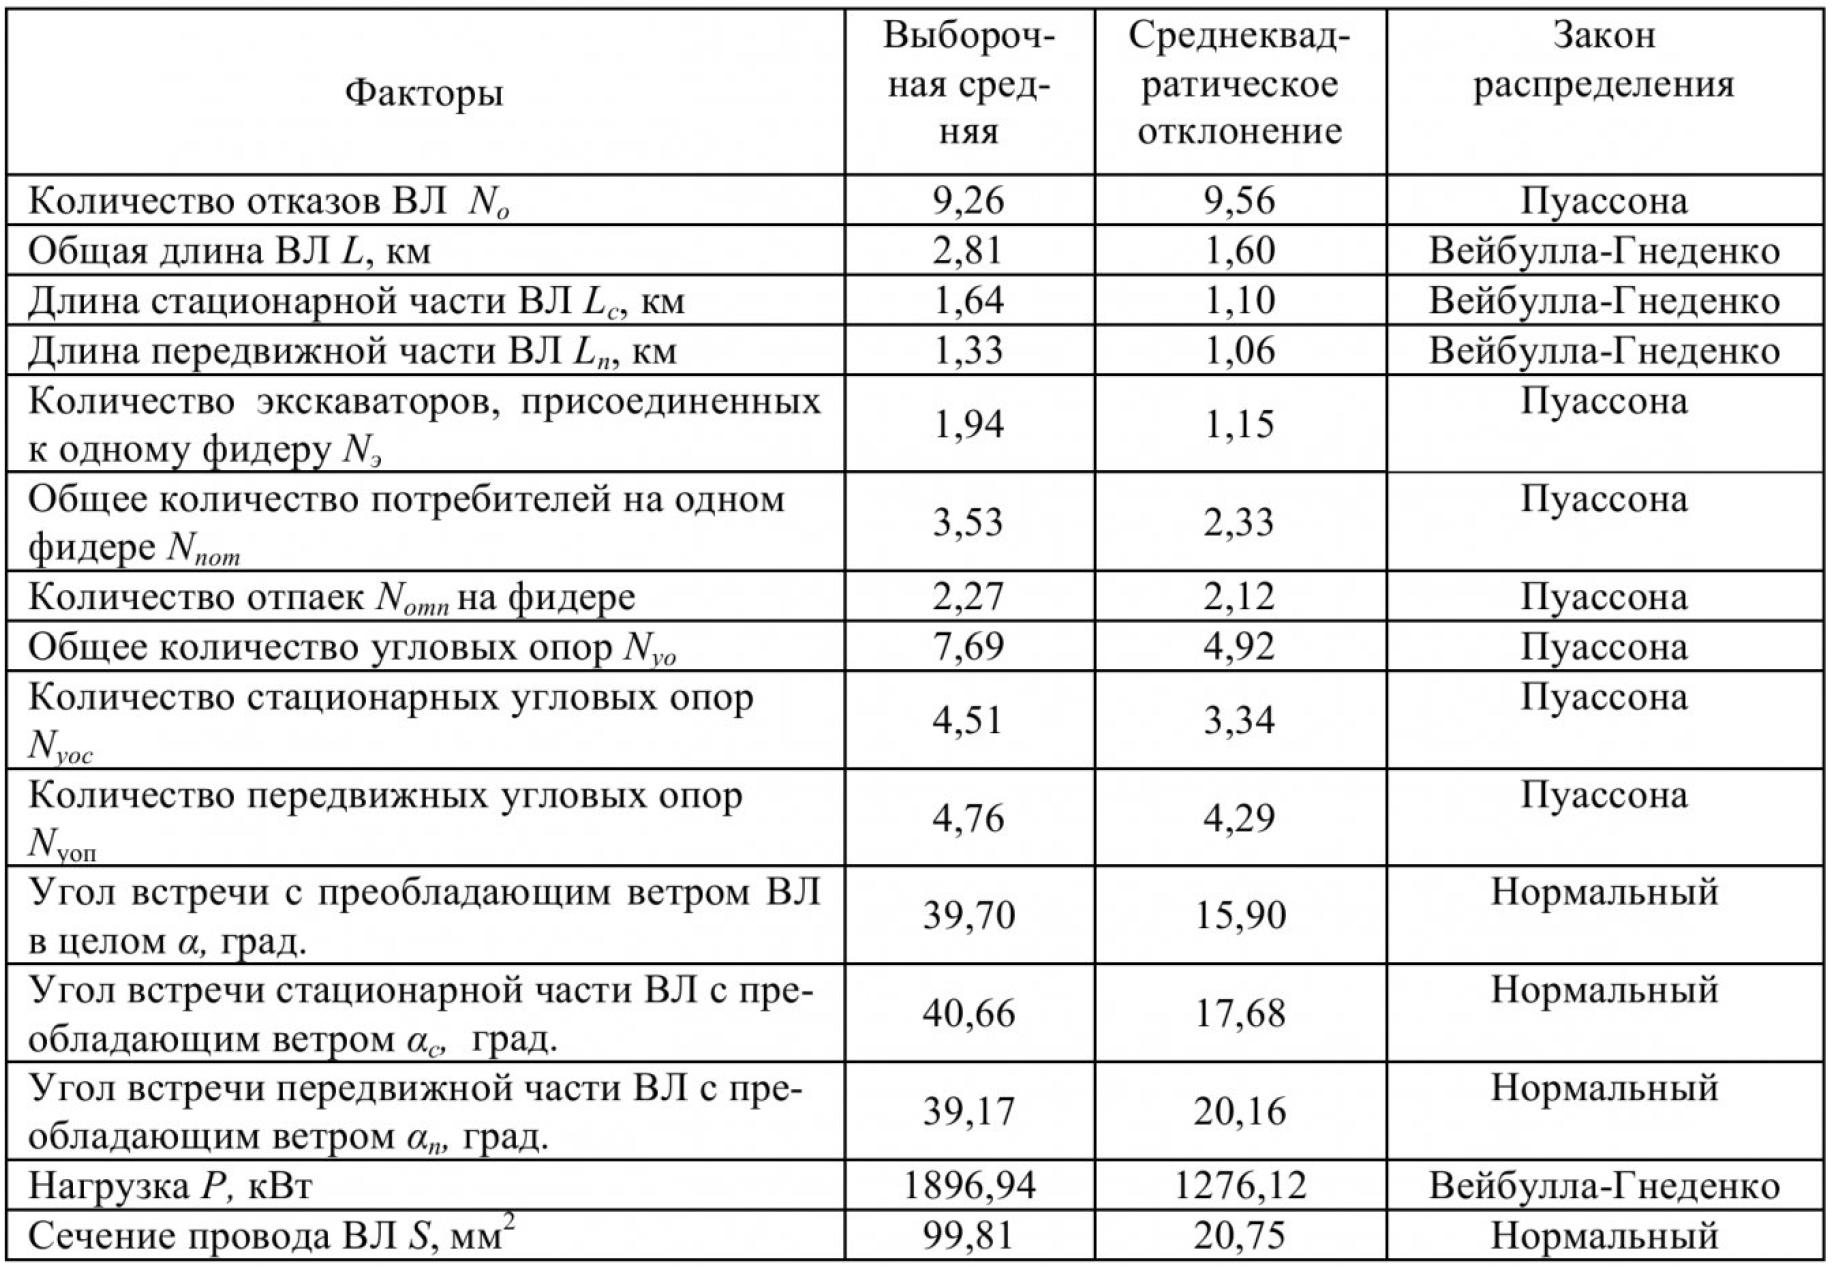 Влияние конструктивных и технико-эксплуатационных факторов на надежность воздушных линий электропередачи угольных разрезов 1